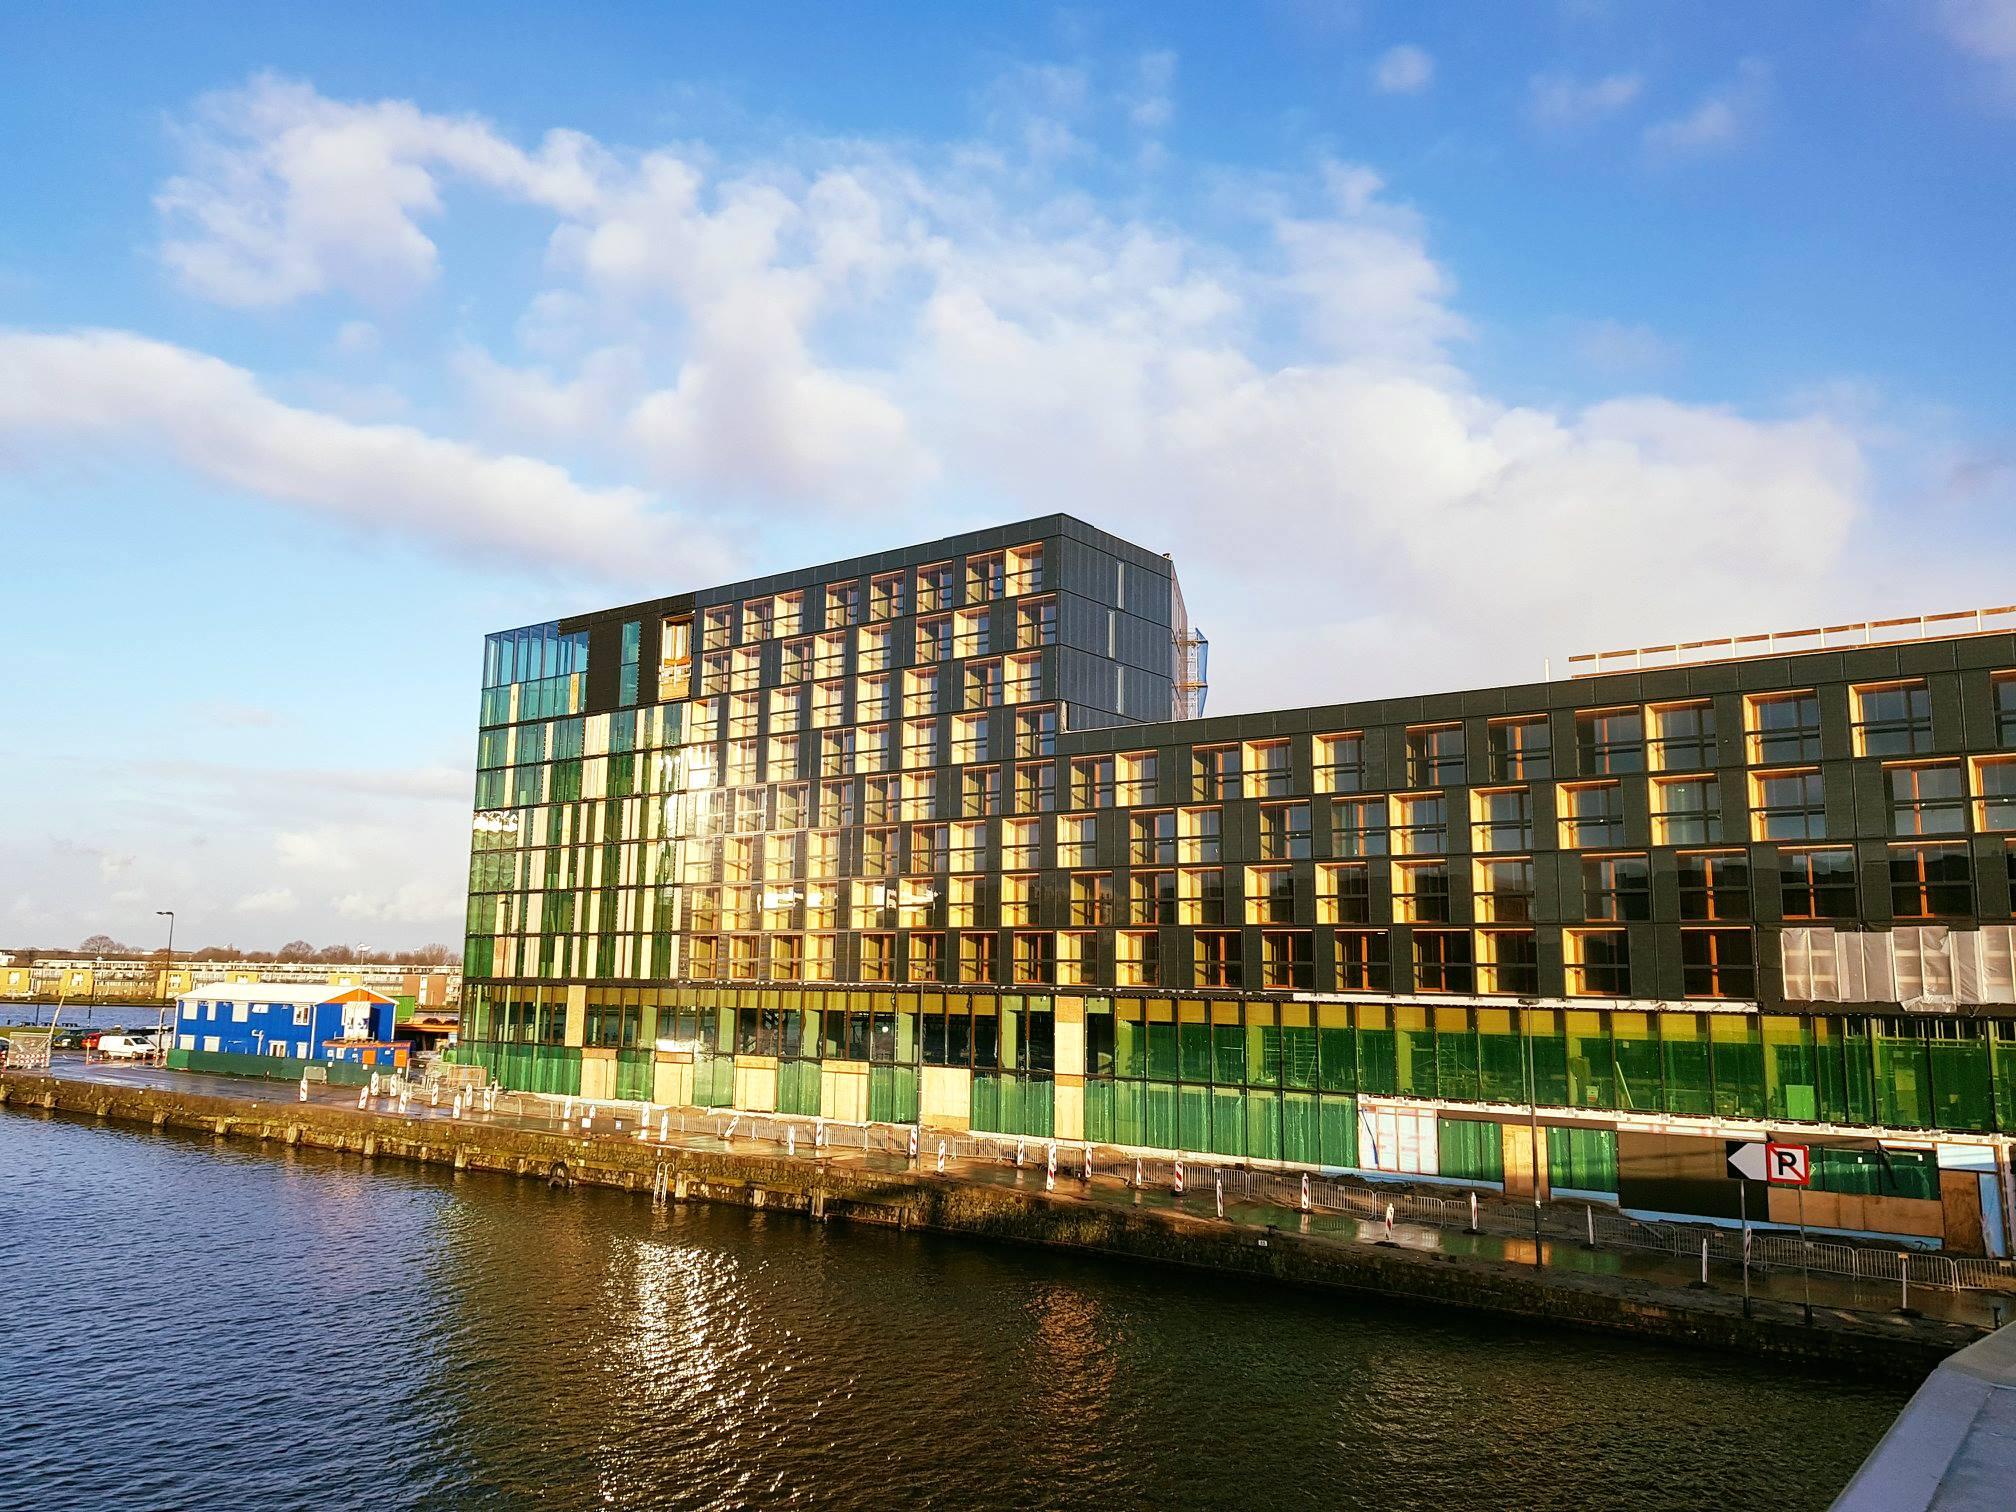 Nieuw hotel jakarta amsterdam met tropische binnentuin en skybar